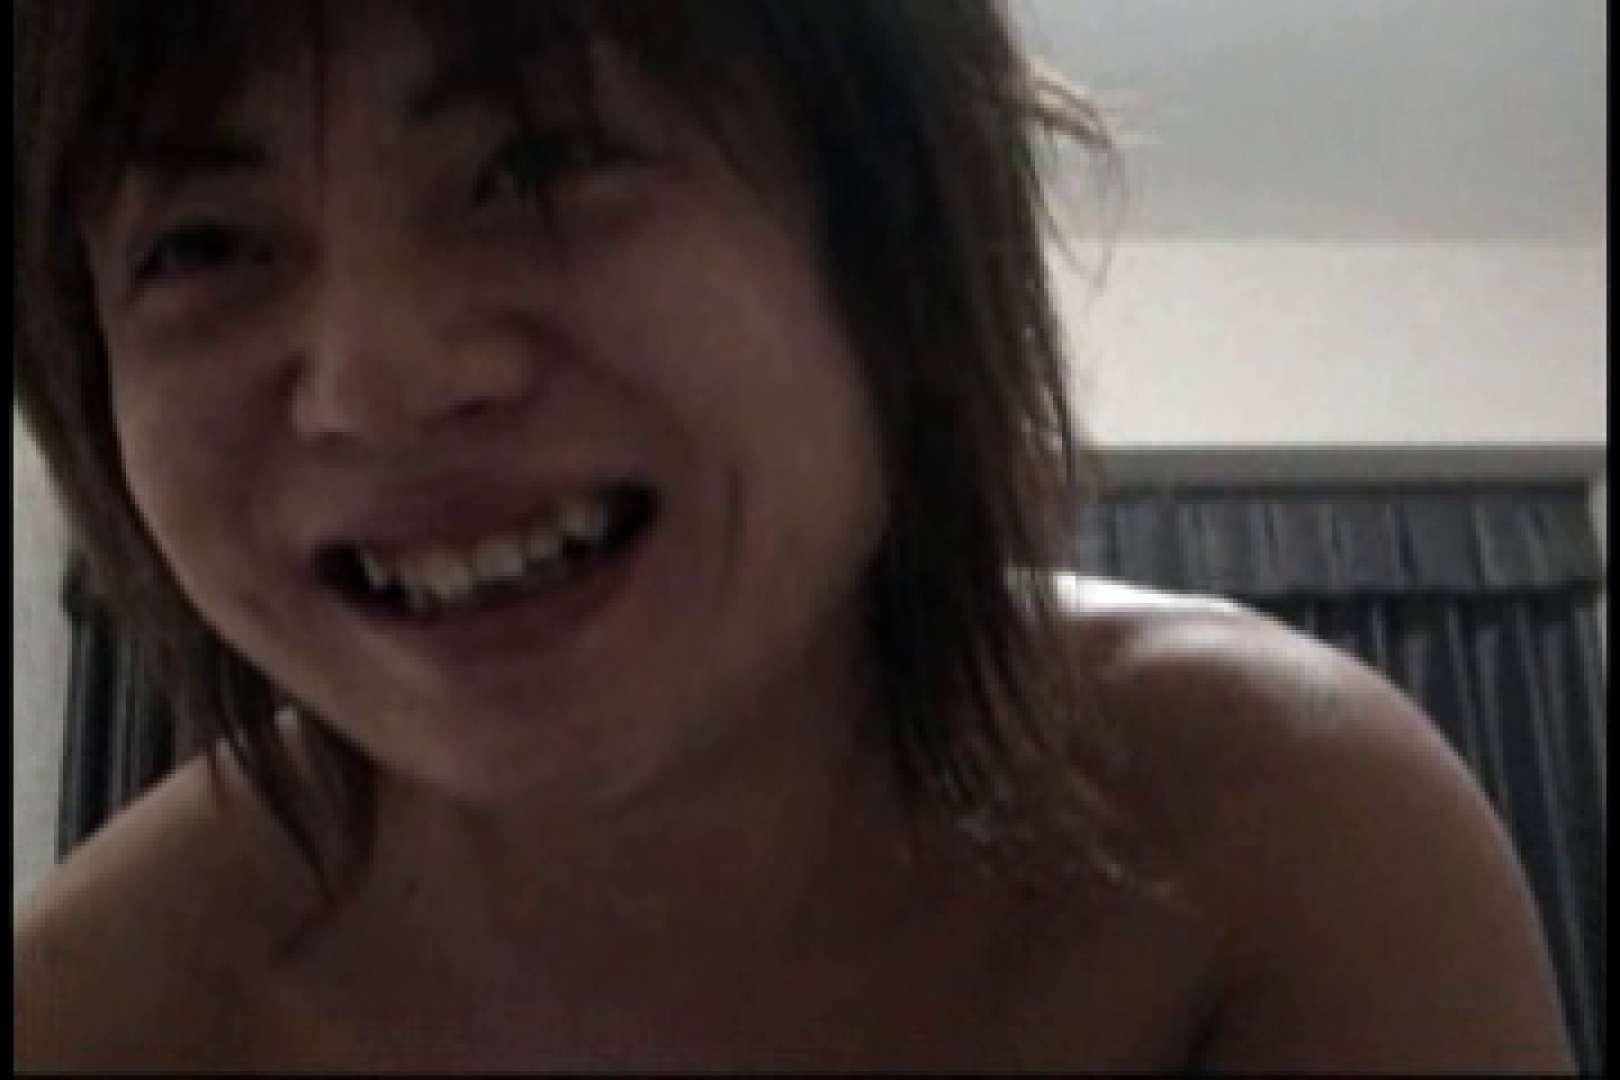 三ッ星シリーズ!!イケメン羞恥心!!File.01 ゲイのオナニー映像 しりまんこ画像 76枚 58